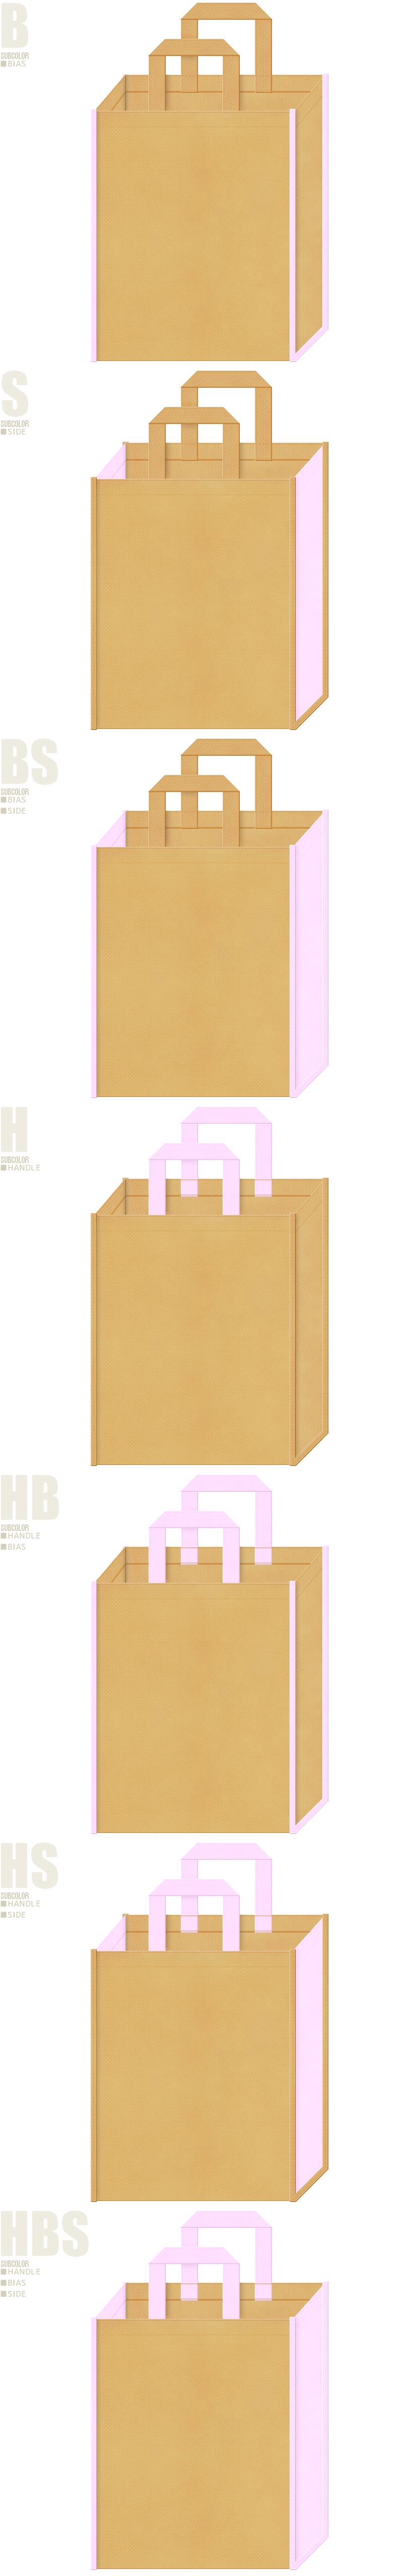 薄黄土色と明るめのピンク色、7パターンの不織布トートバッグ配色デザイン例。girlyな不織布バッグにお奨めです。